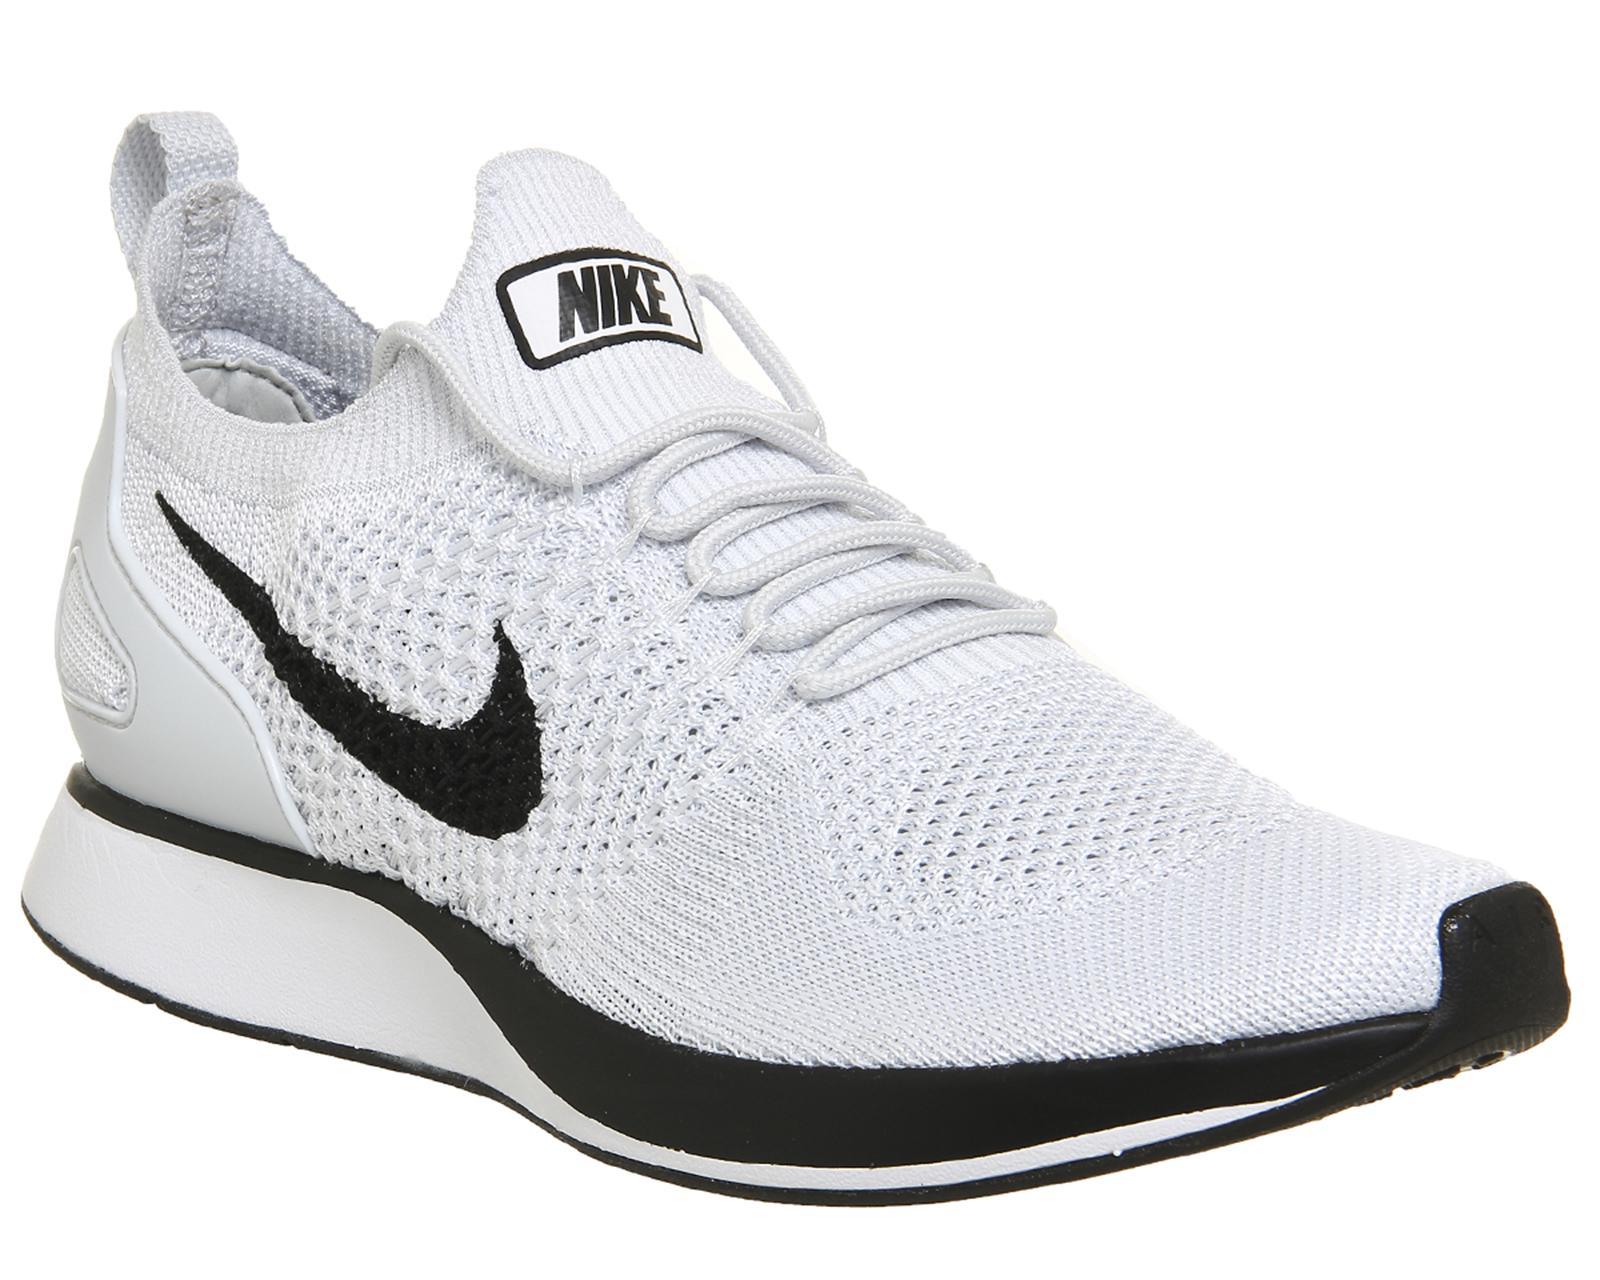 709c26bbaa2cd Lyst - Nike Air Zoom Mariah Fk Racer M in White for Men